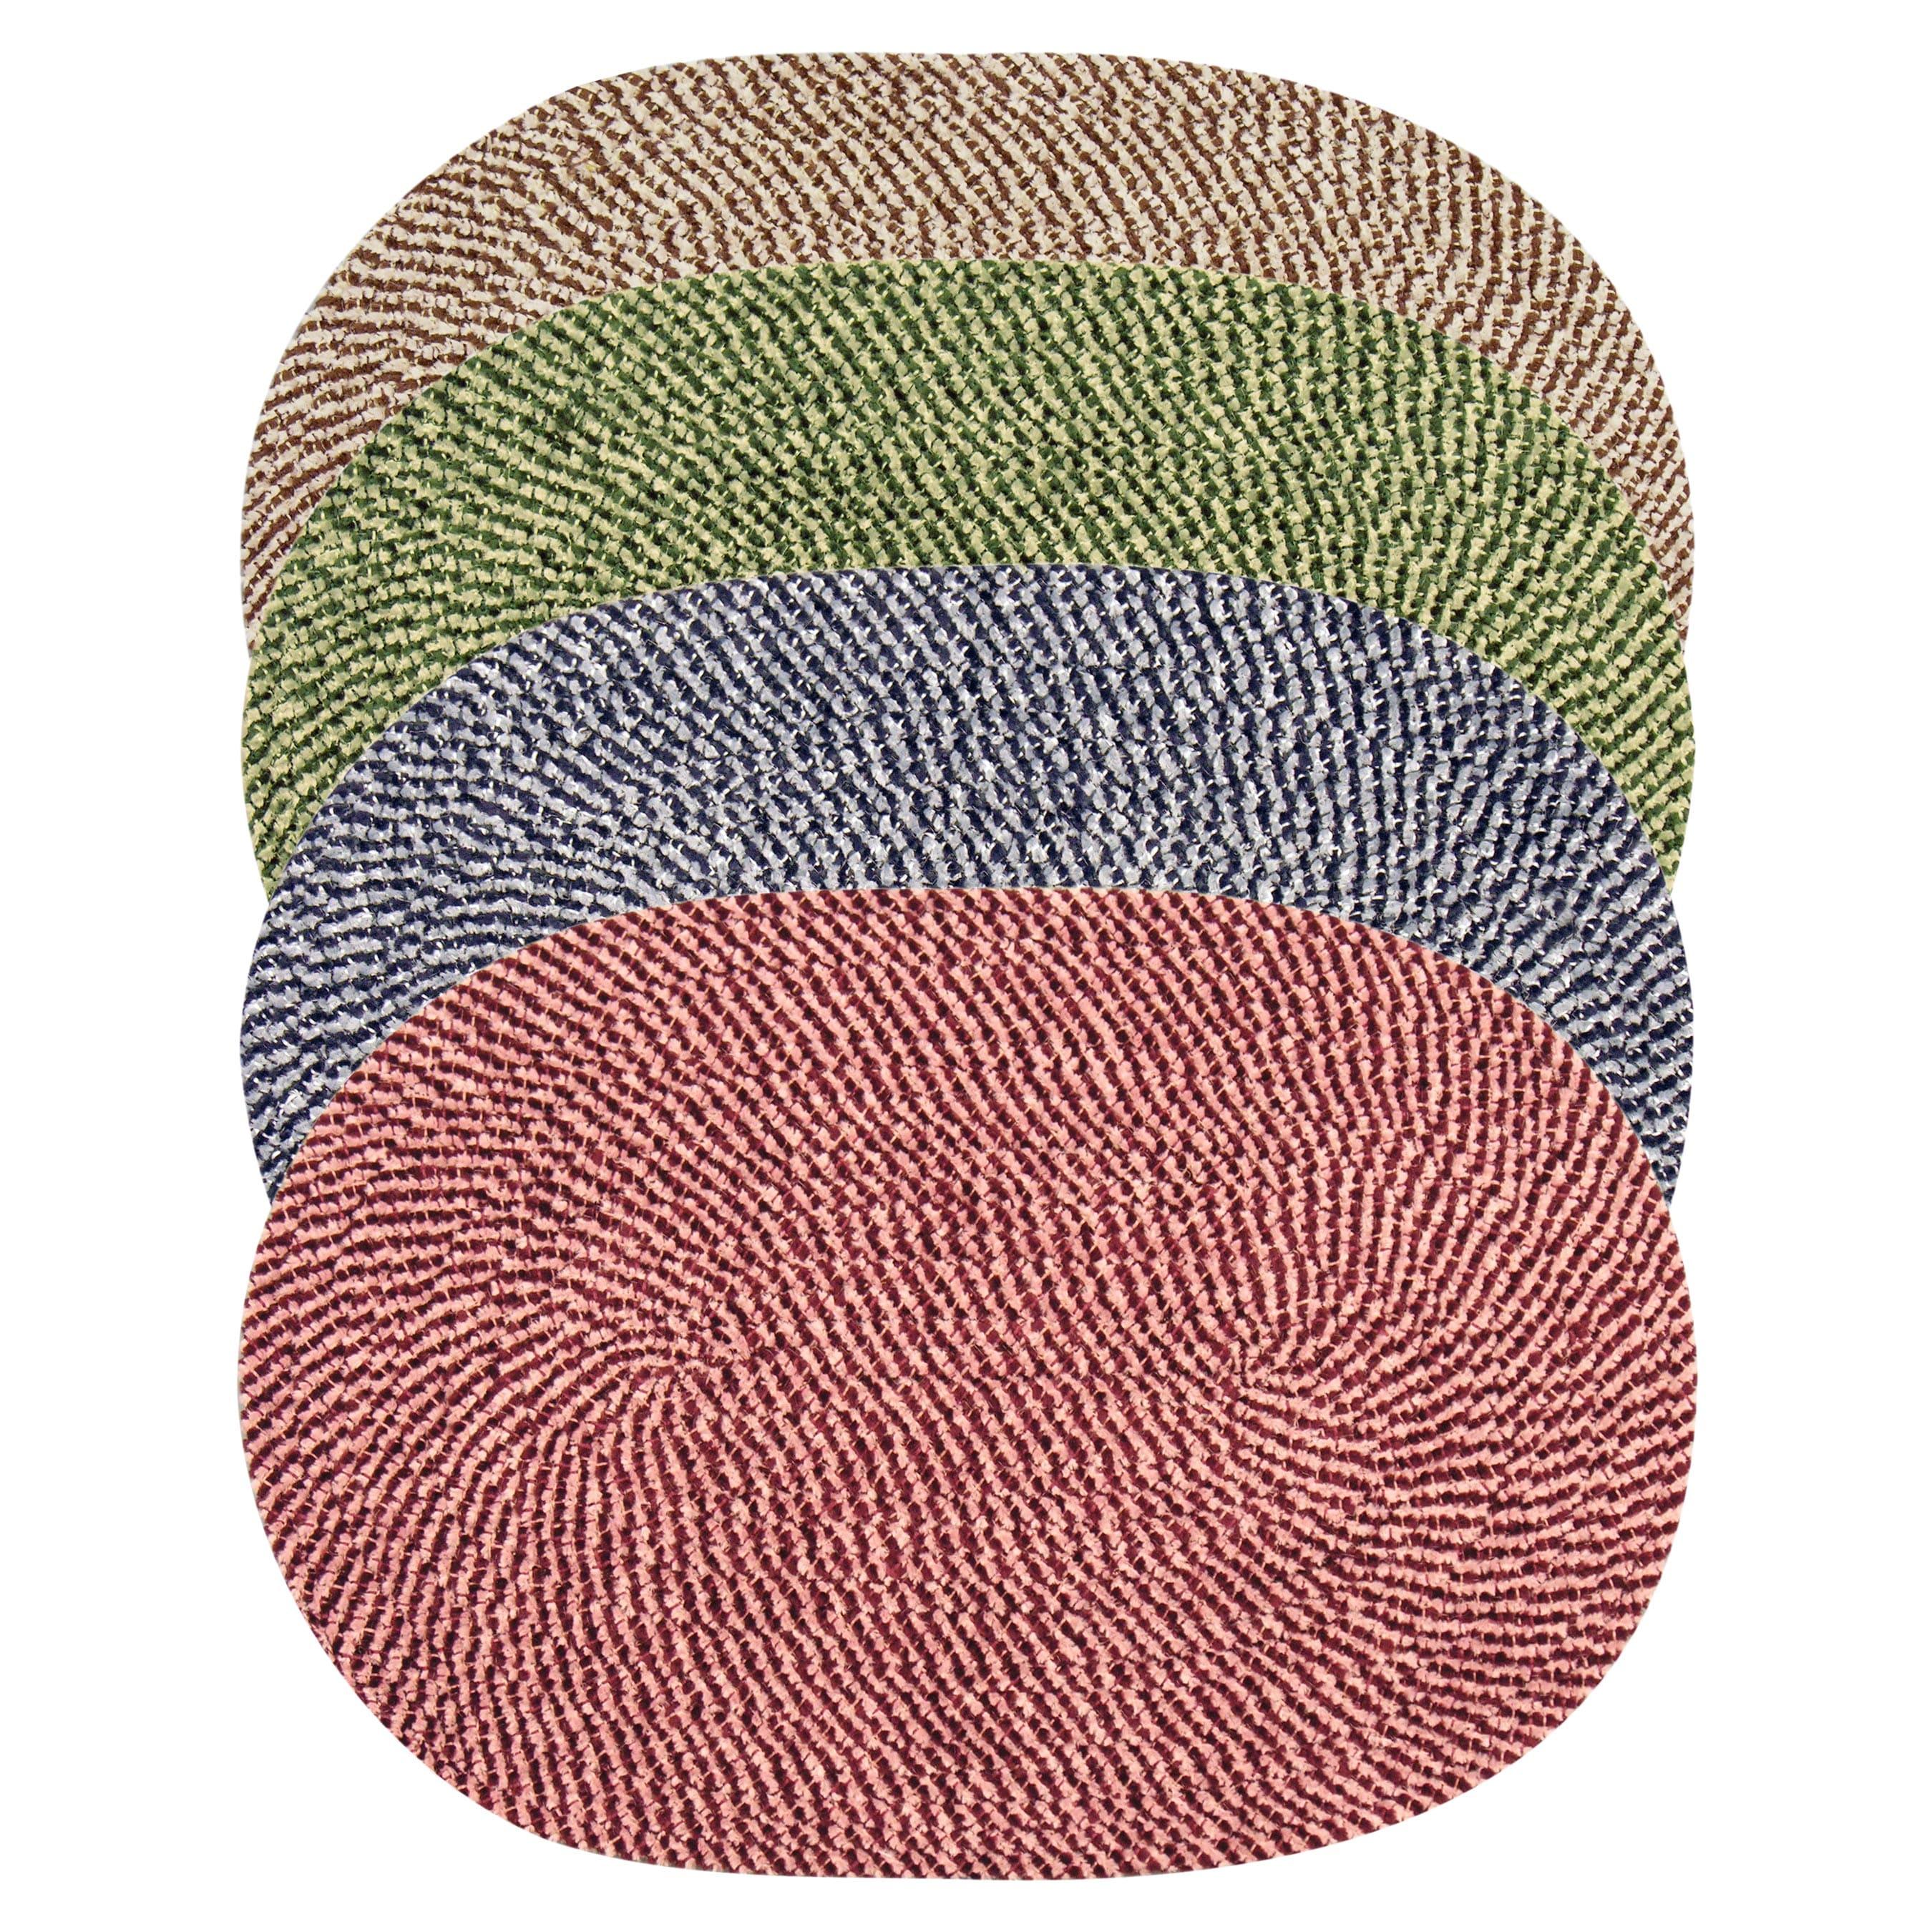 Legacy Chenille Tweed Braided Rug (8' x 10')